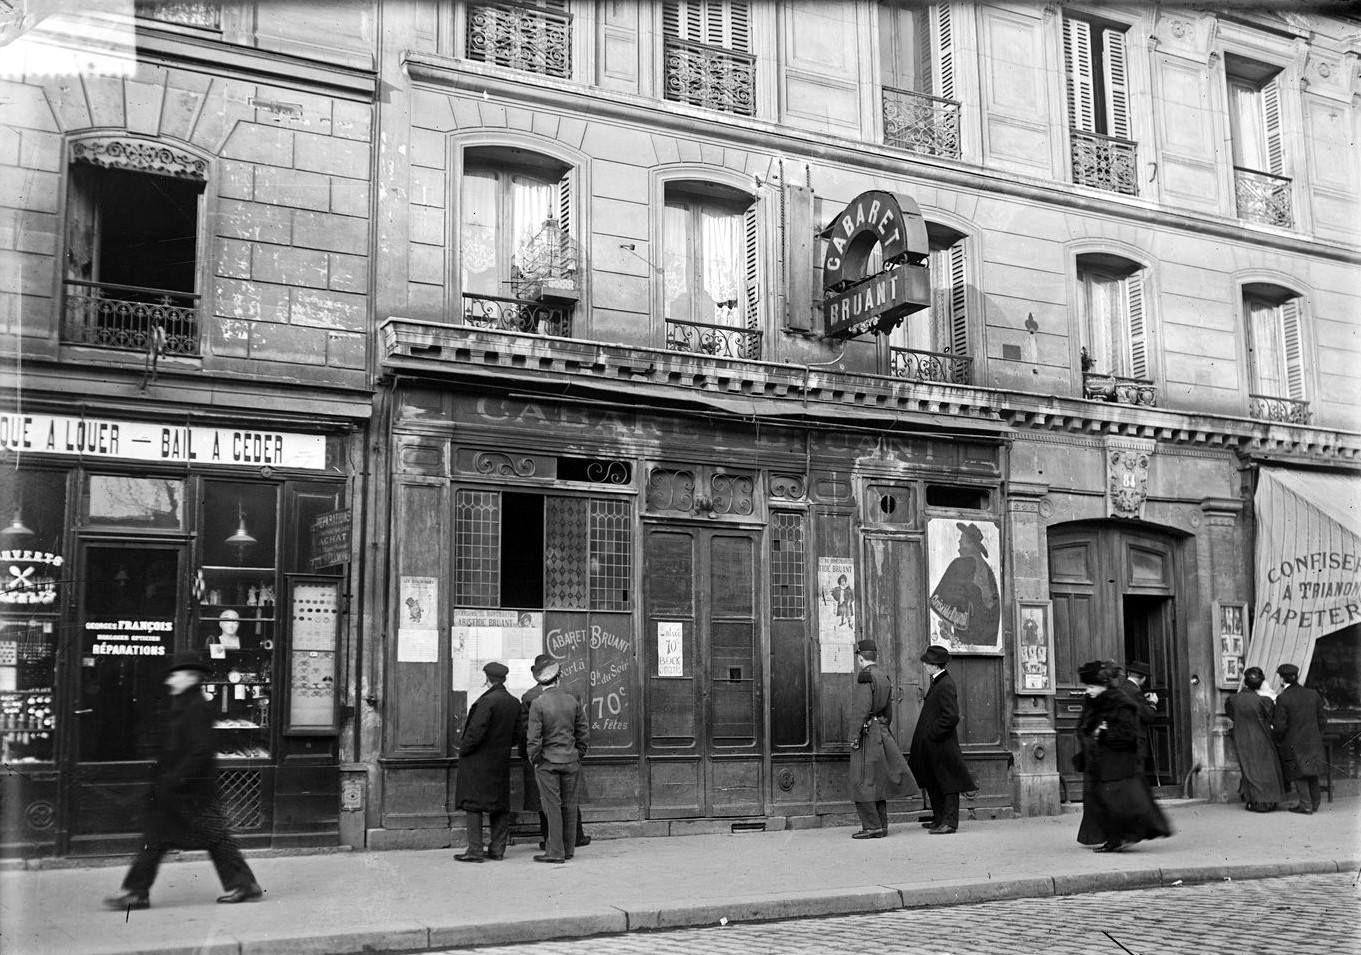 Cabaret bruant 84 boulevard de rochechouart 1909 le 84 boulevard de rochechouart a une longue - Bureau de poste paris 12 ...